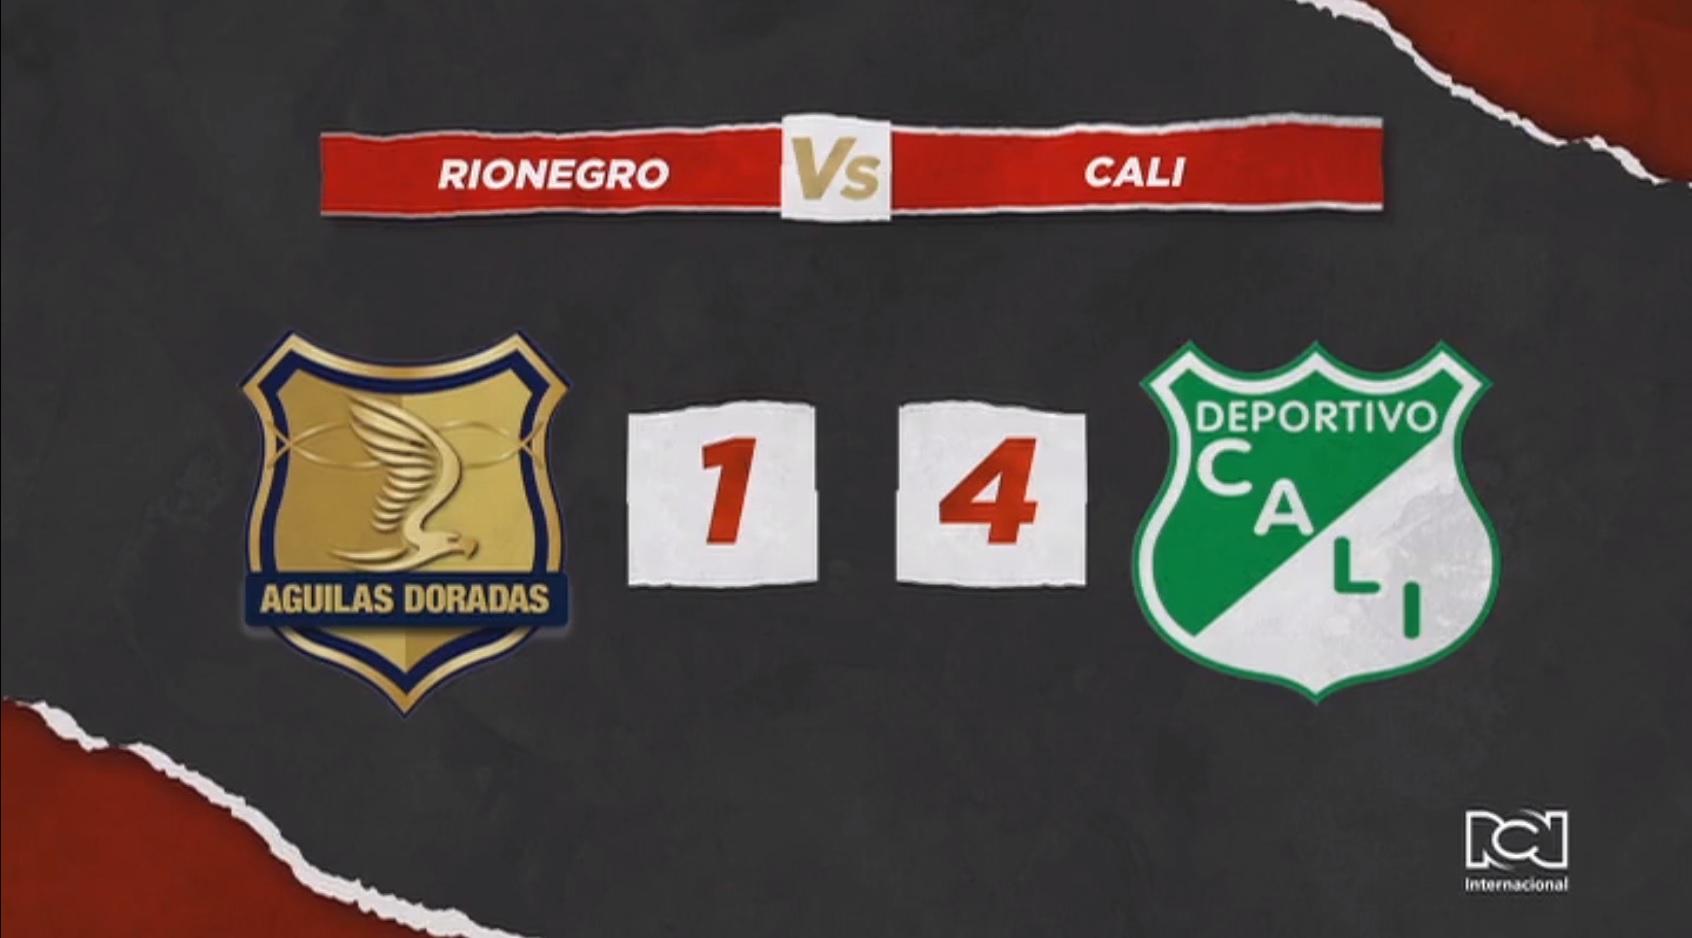 Deportivo Cali goleó a Rionegro y quedó cerca de la clasificación